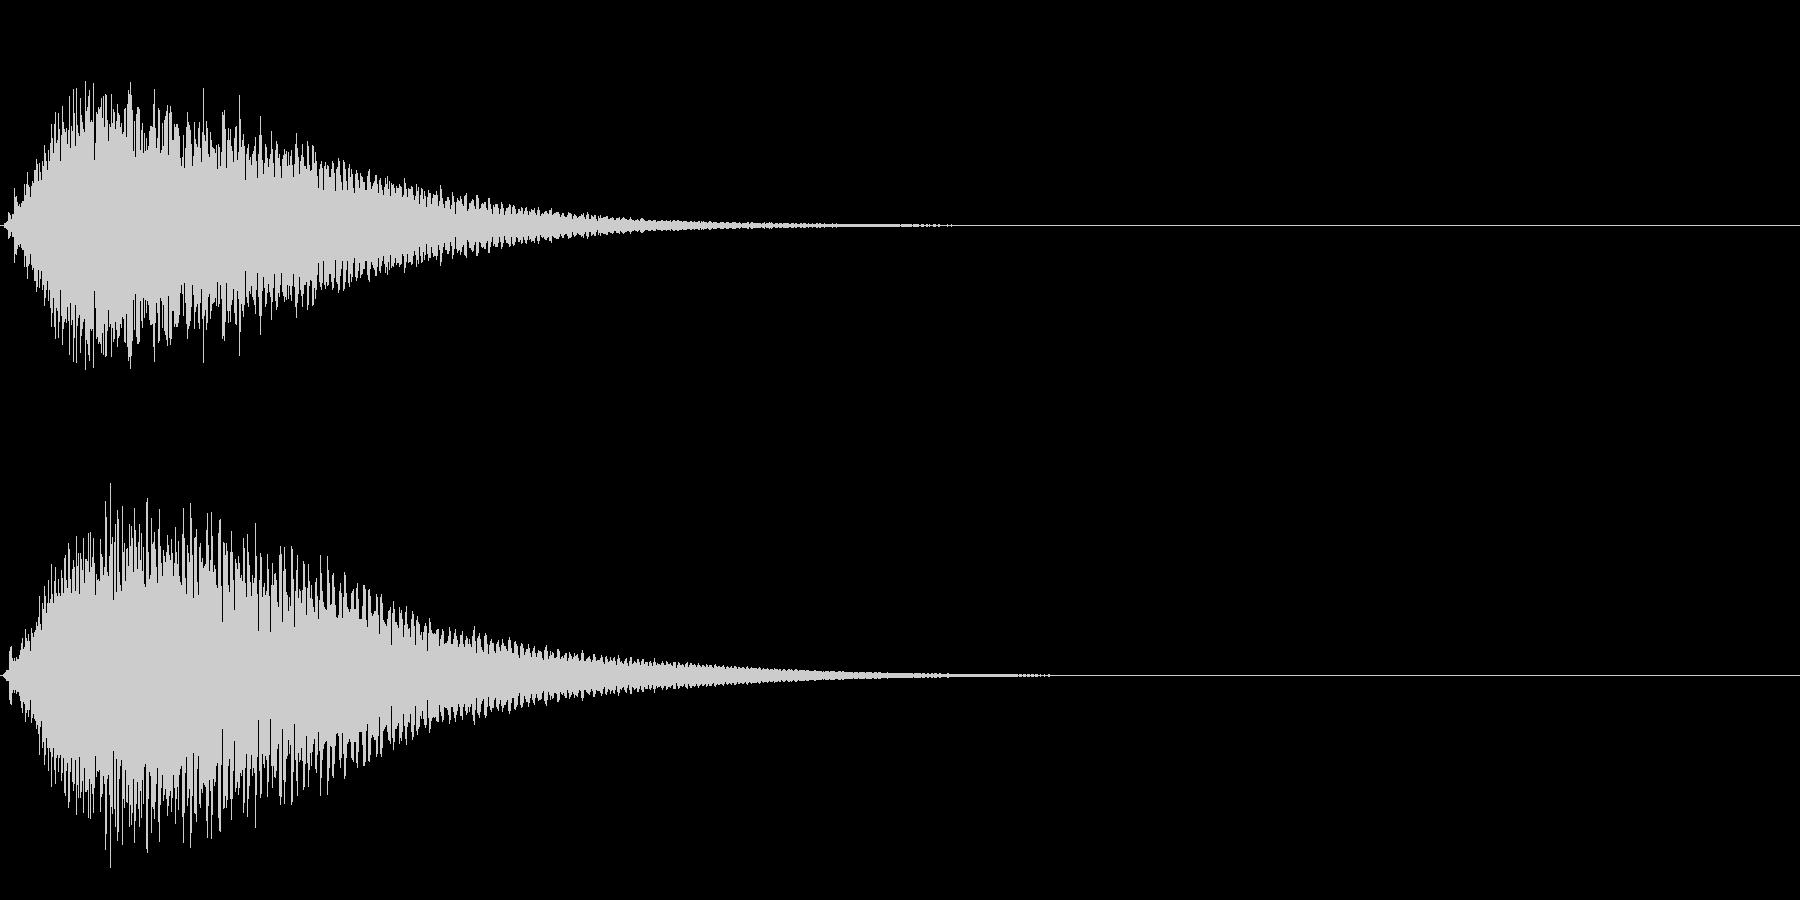 キュイン ボタン ピキーン キーン 4の未再生の波形